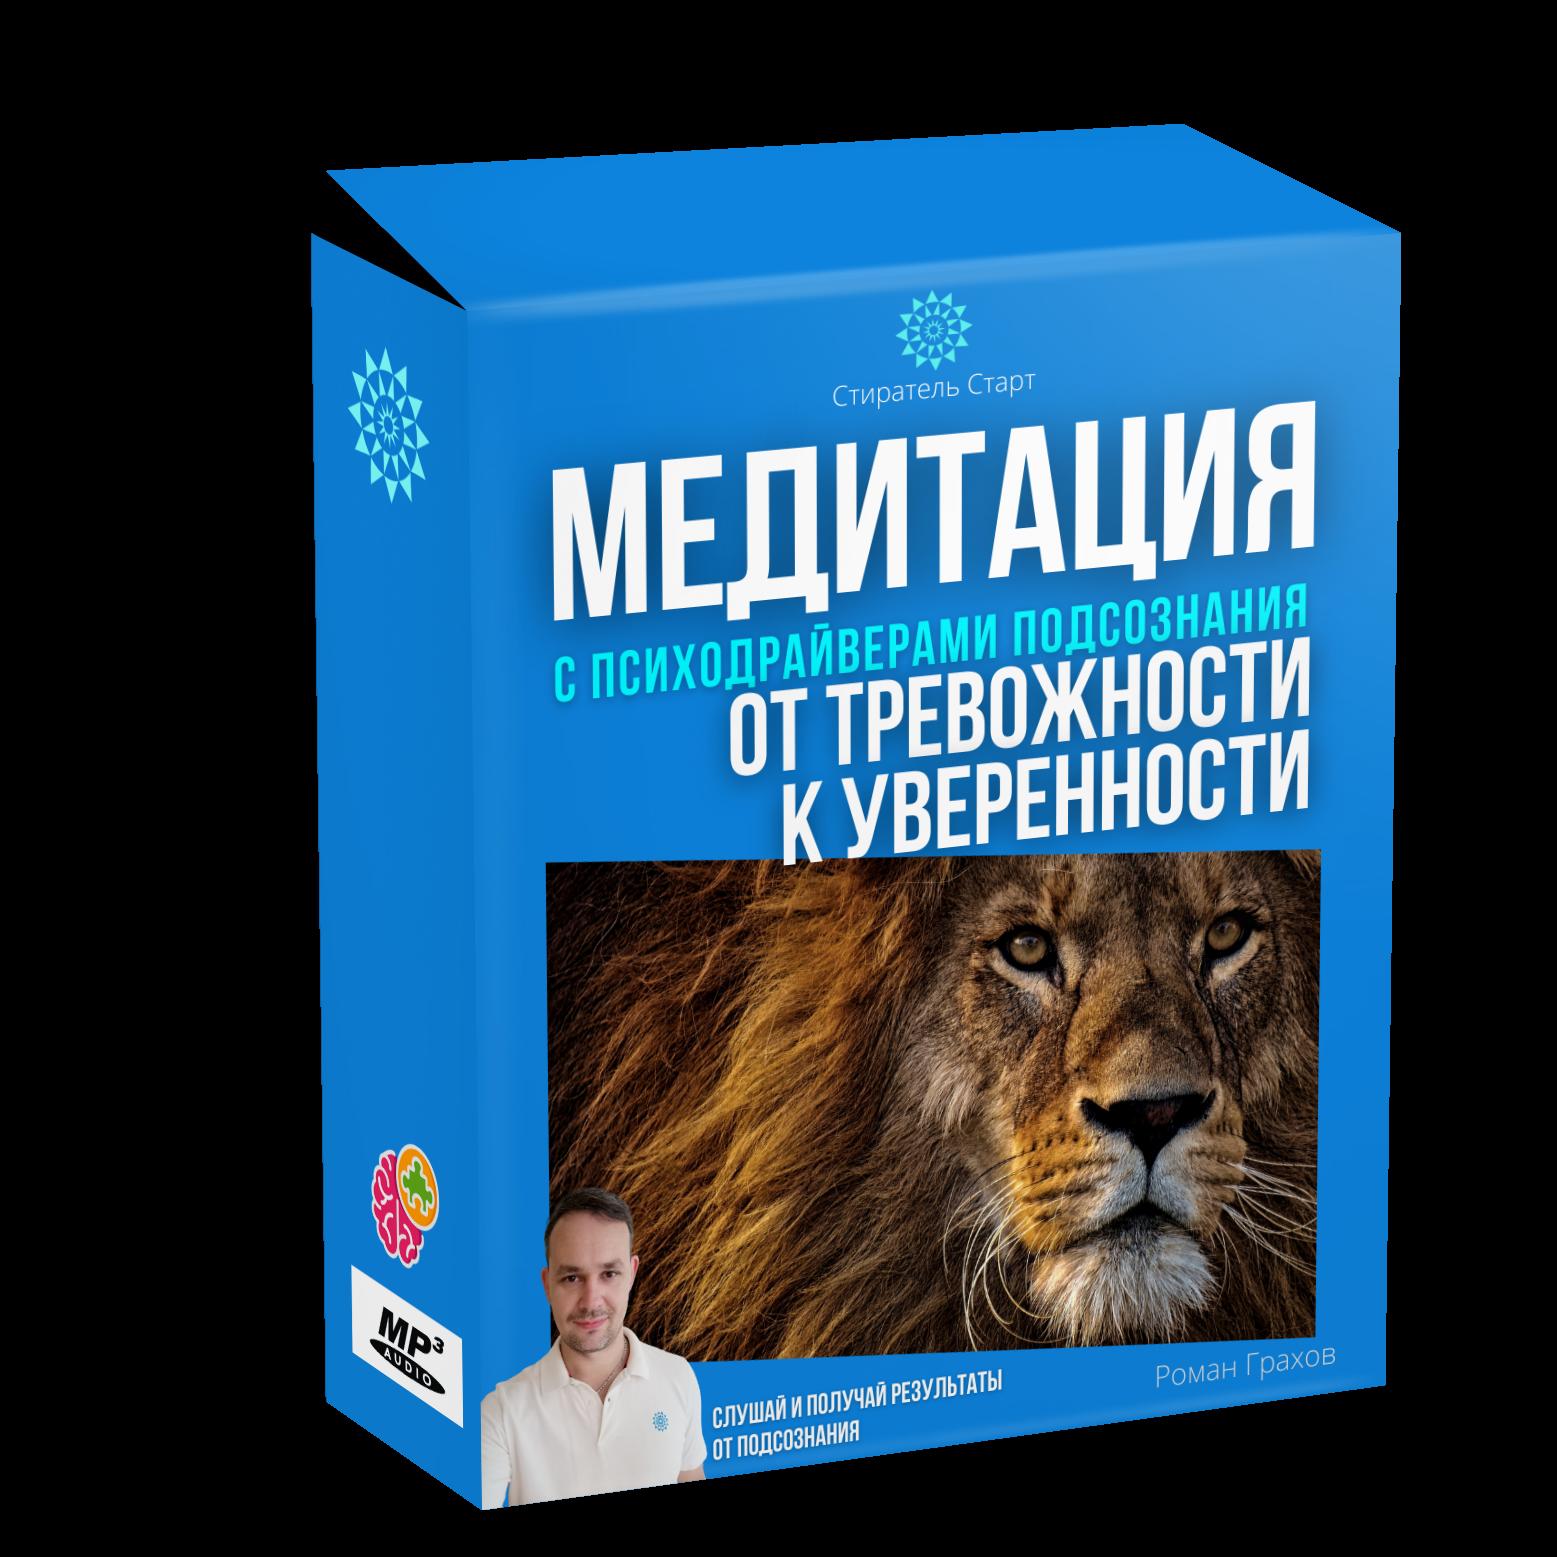 Медитация №5 от тревожности к уверенности